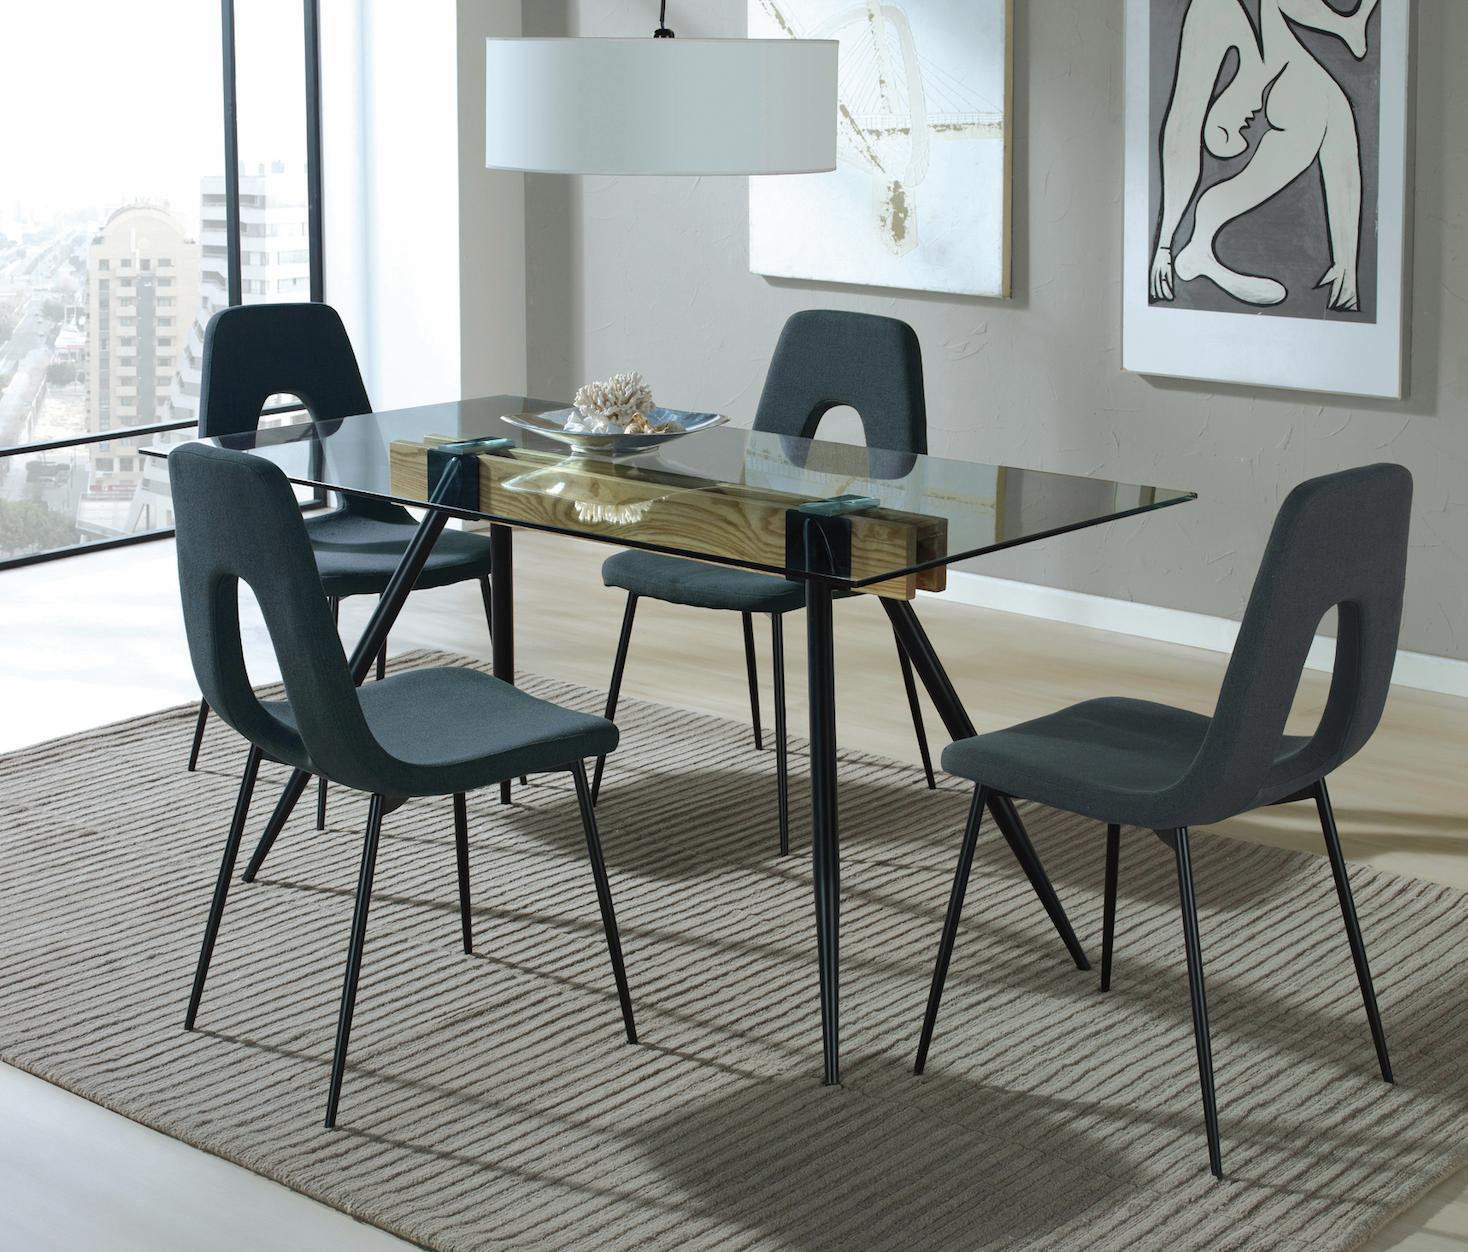 table manger verre transparent et m tal noir mark. Black Bedroom Furniture Sets. Home Design Ideas